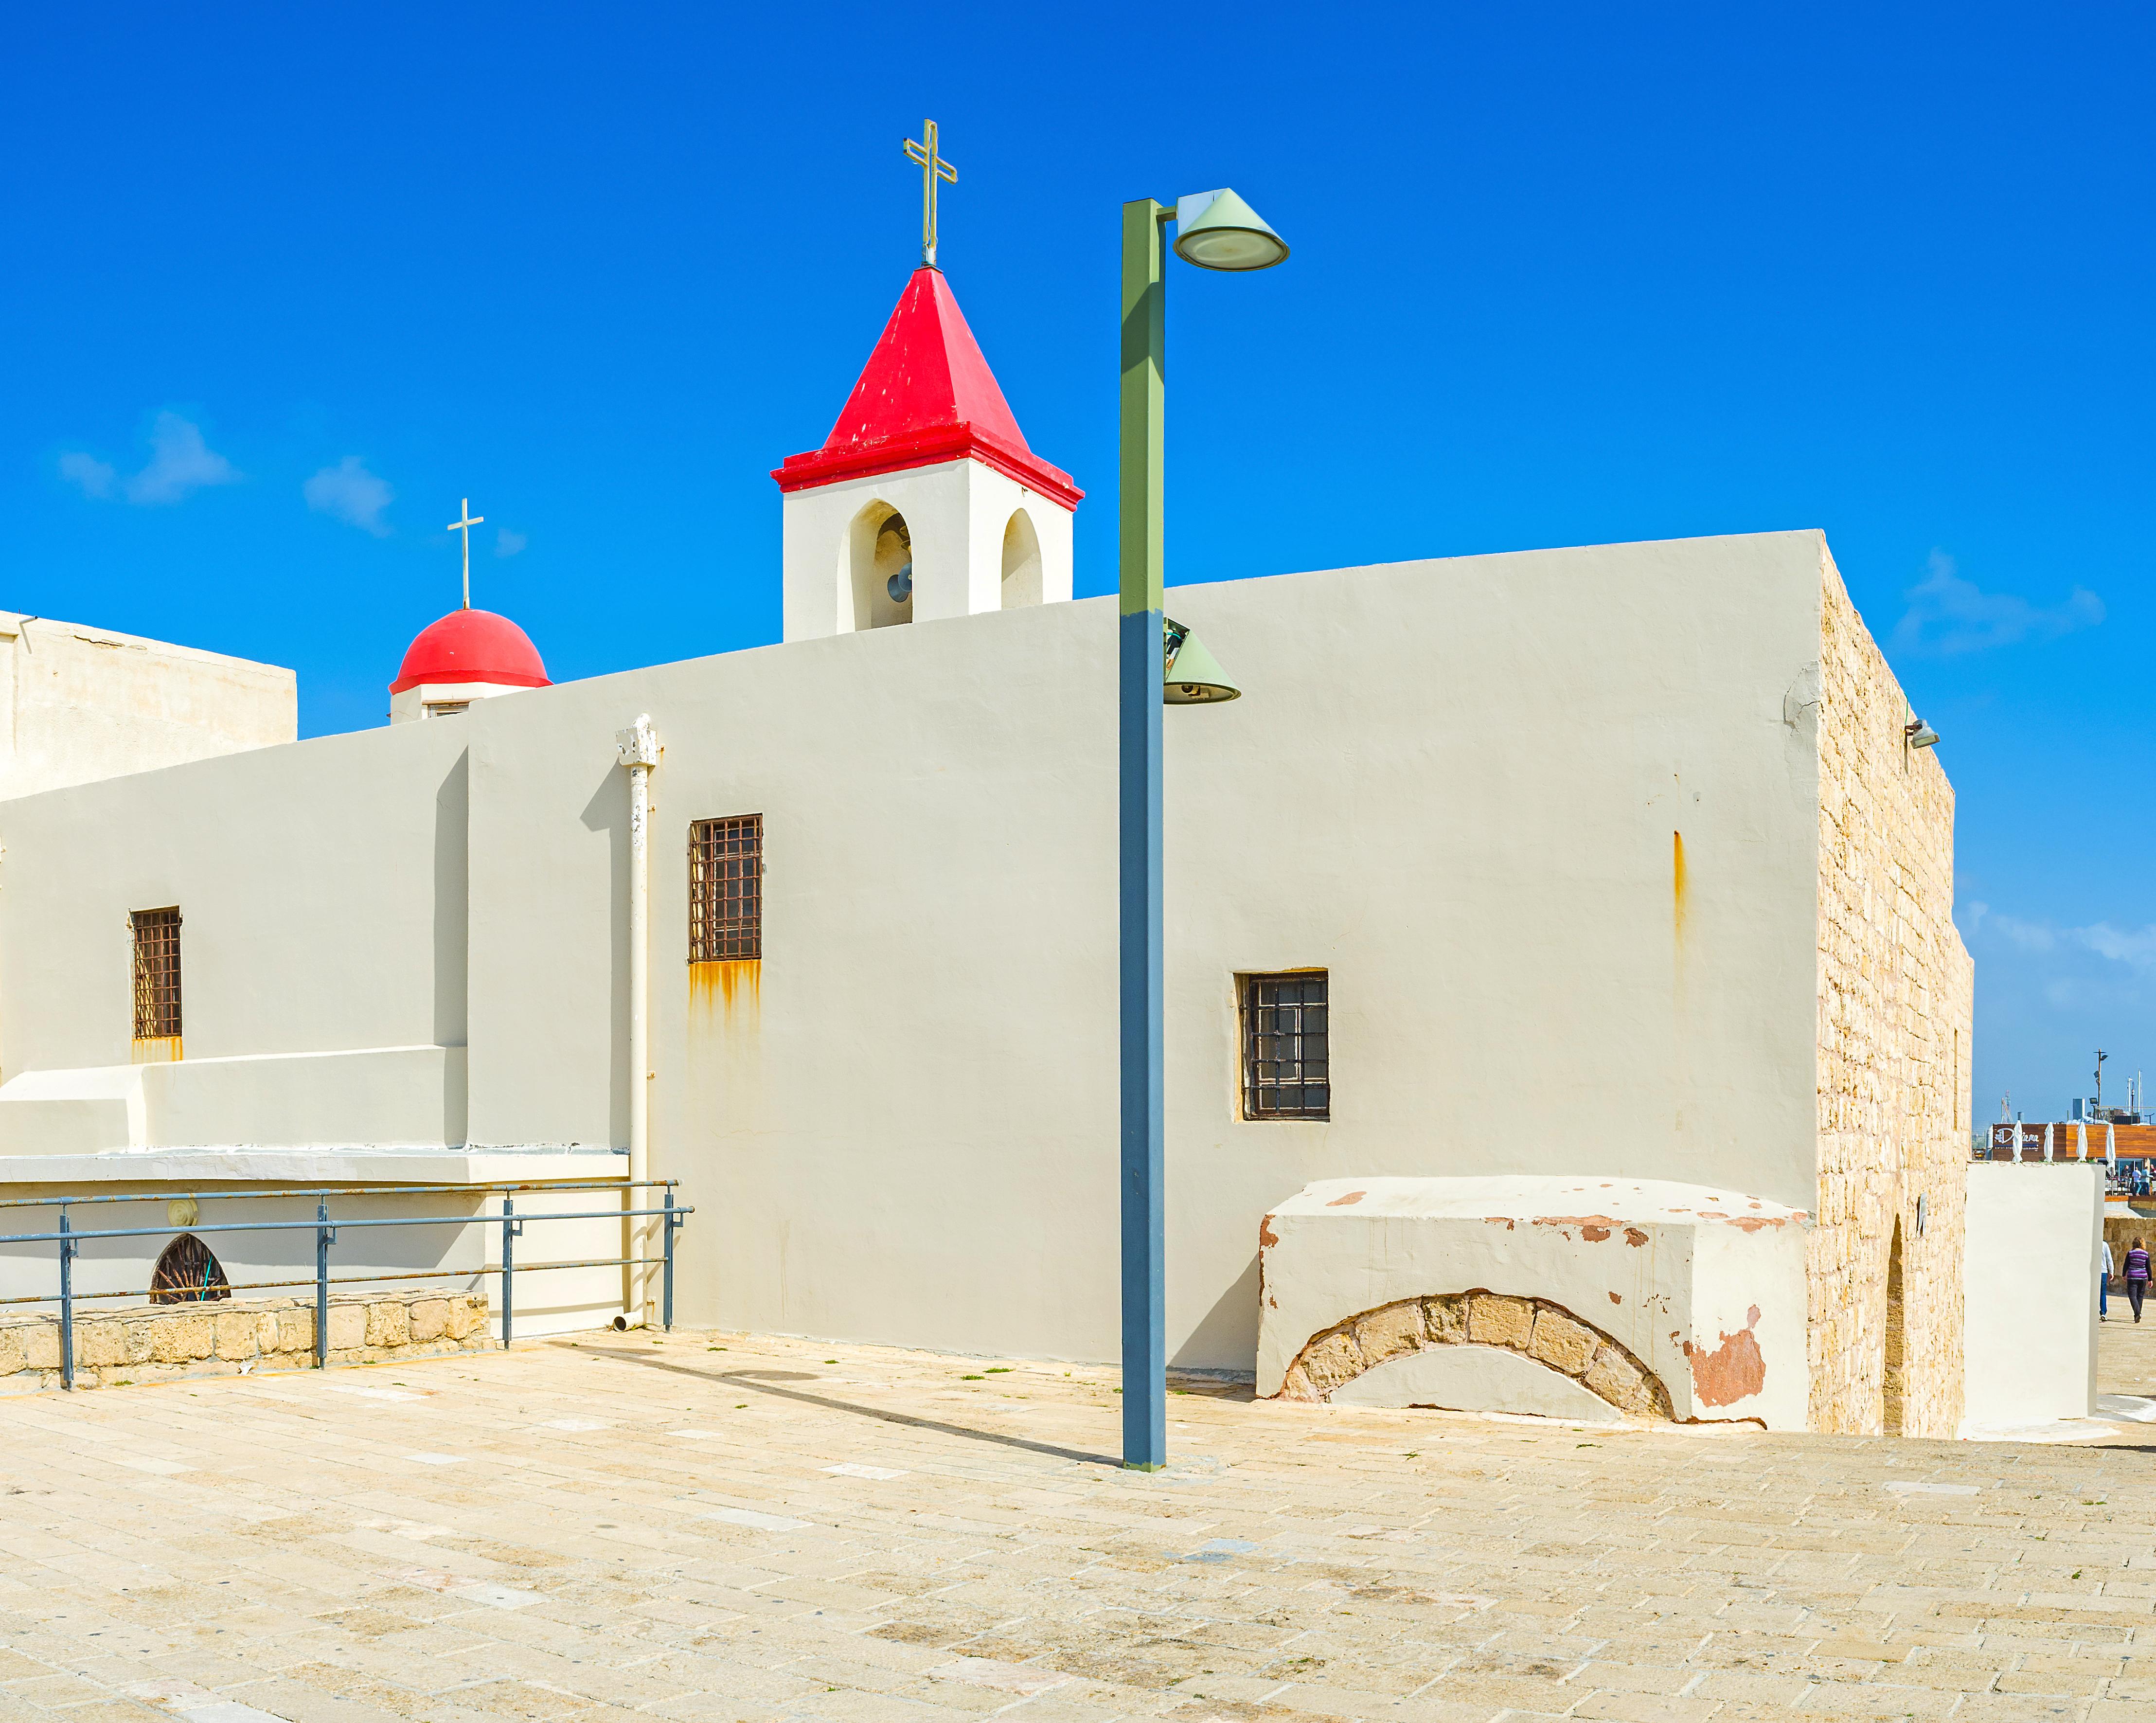 Desvela los misterios templarios en San Juan de Acre - Israel Circuito Recorriendo Israel